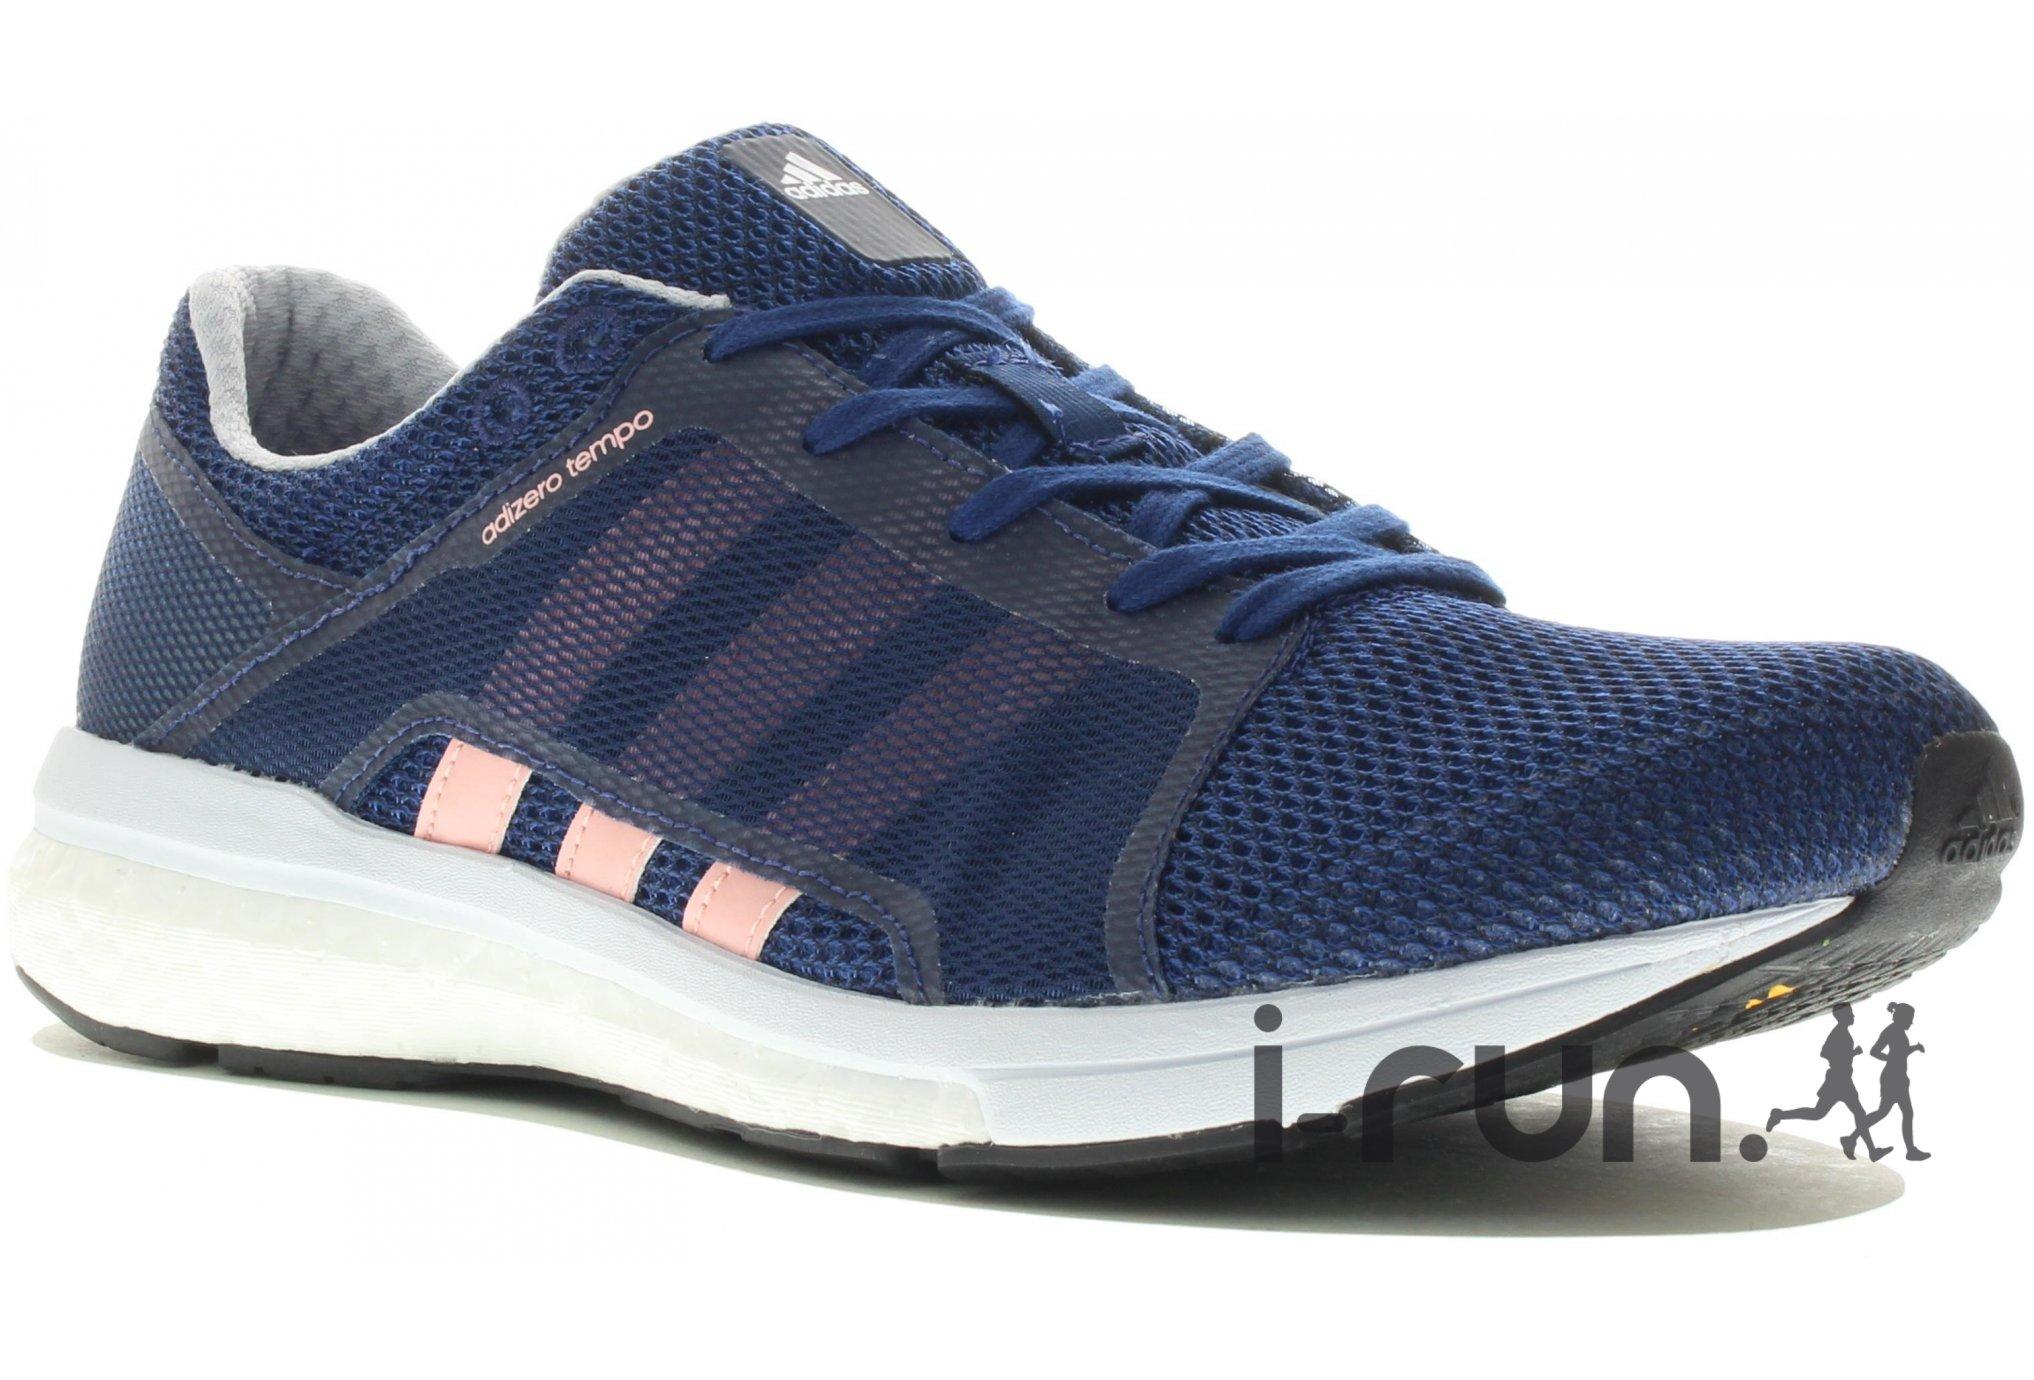 Adidas adizero tempo 8 w chaussures running femme chez IRun